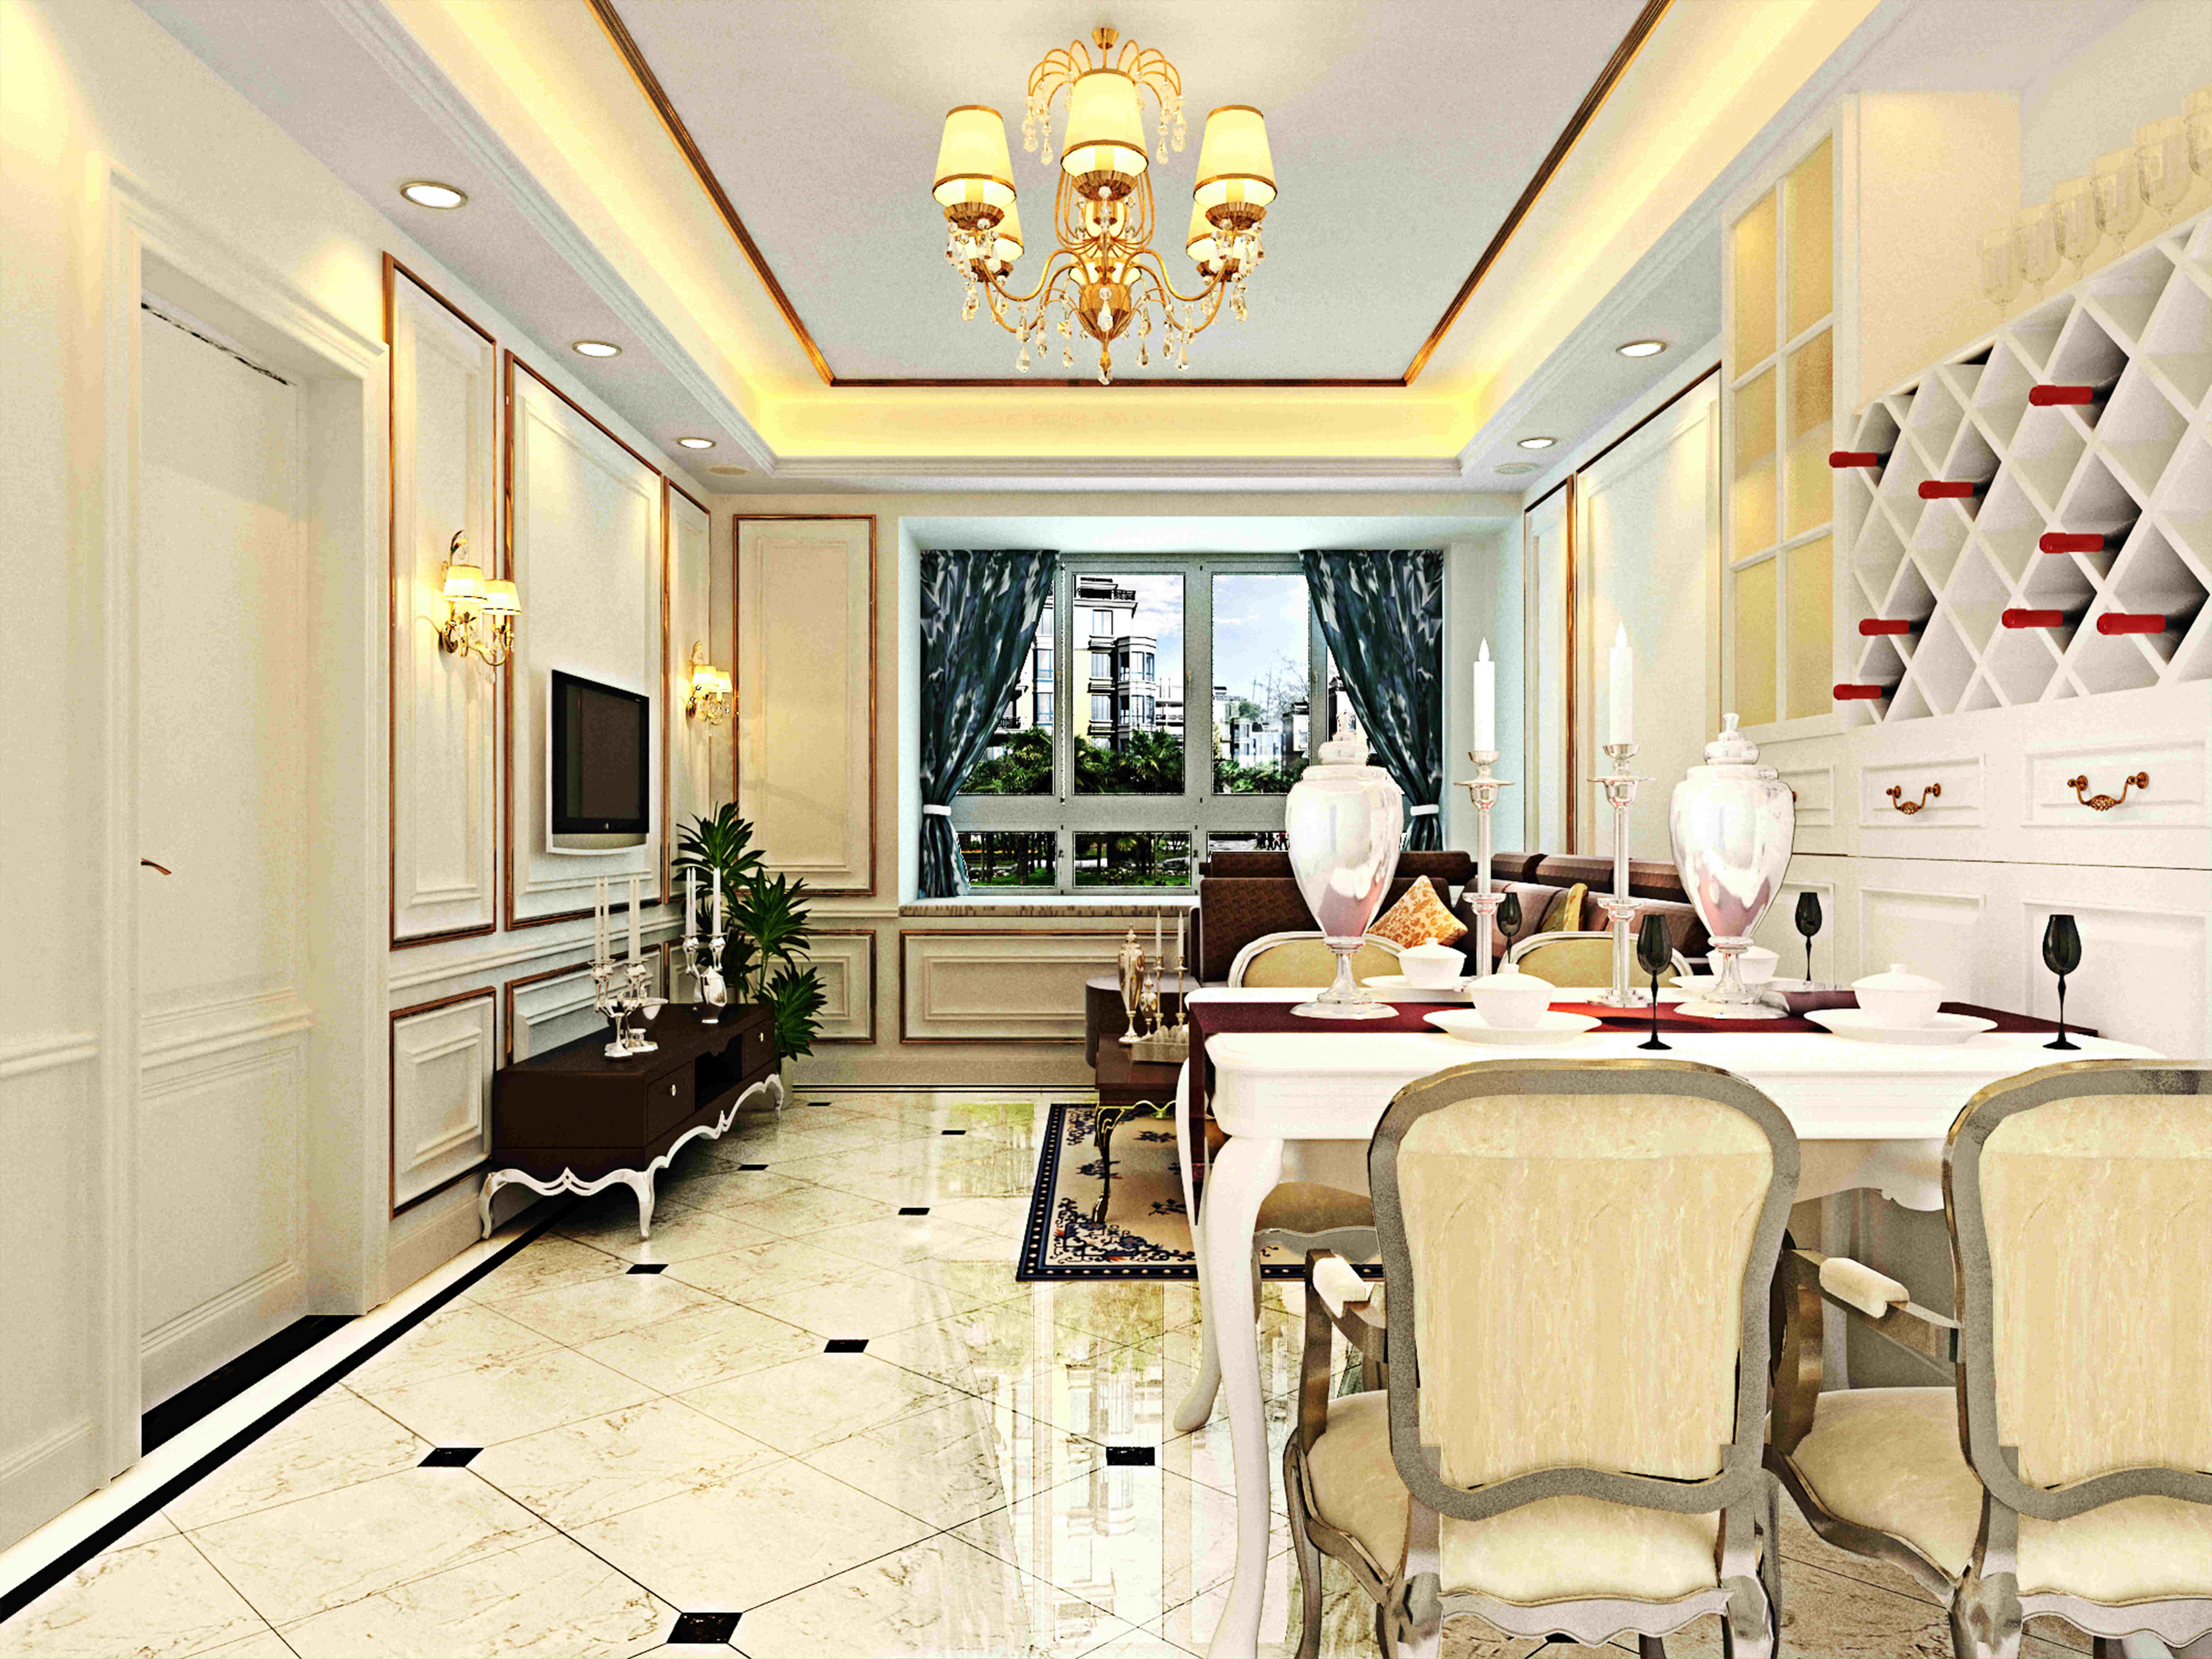 客厅效果图,整体风格为欧式风格,墙面以护墙板为主,地面用爵士白和